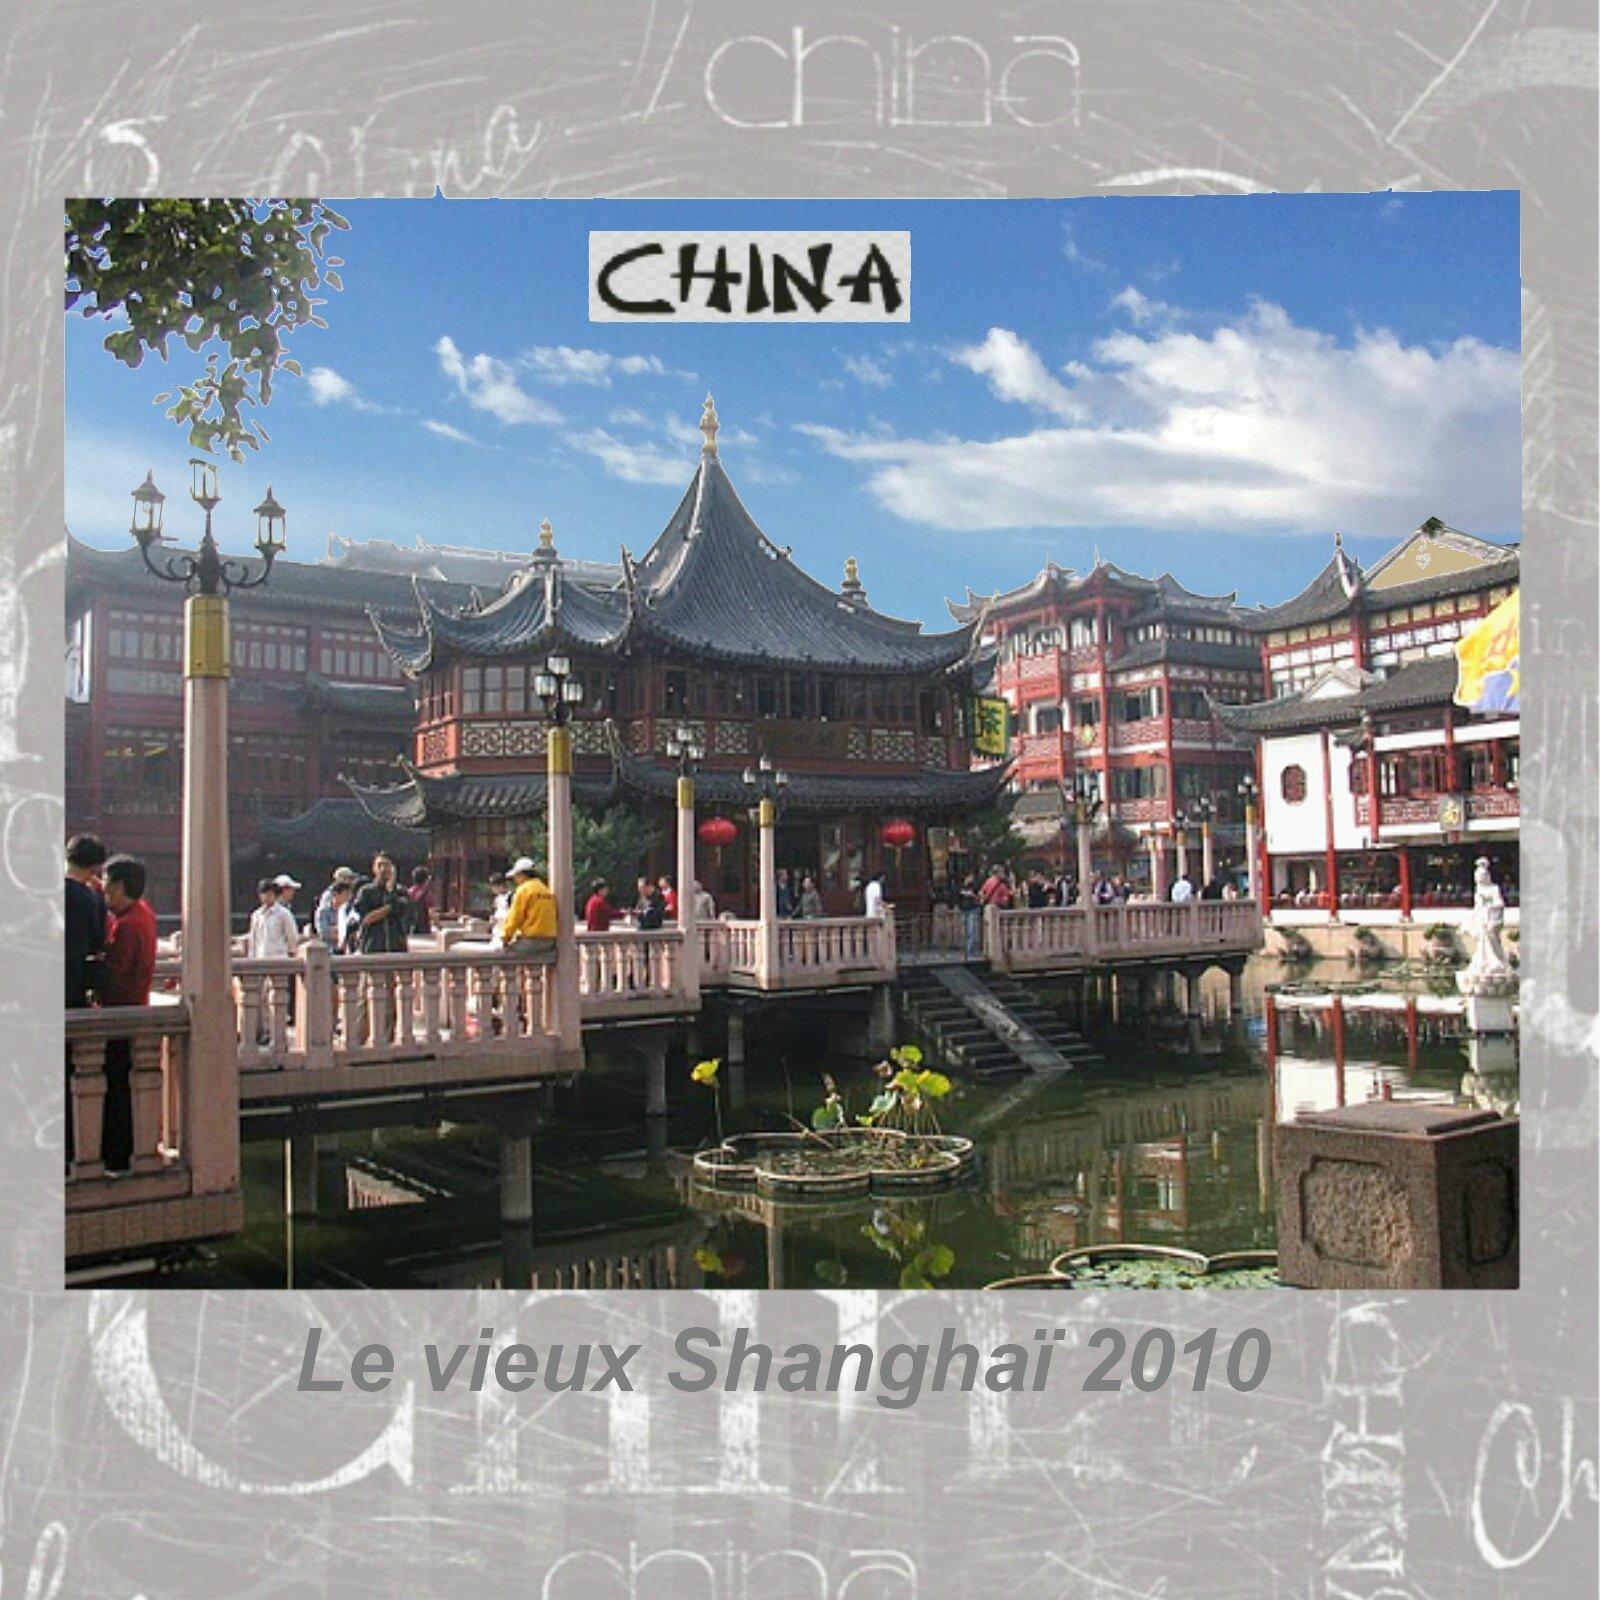 Shanghai 2010 (2)